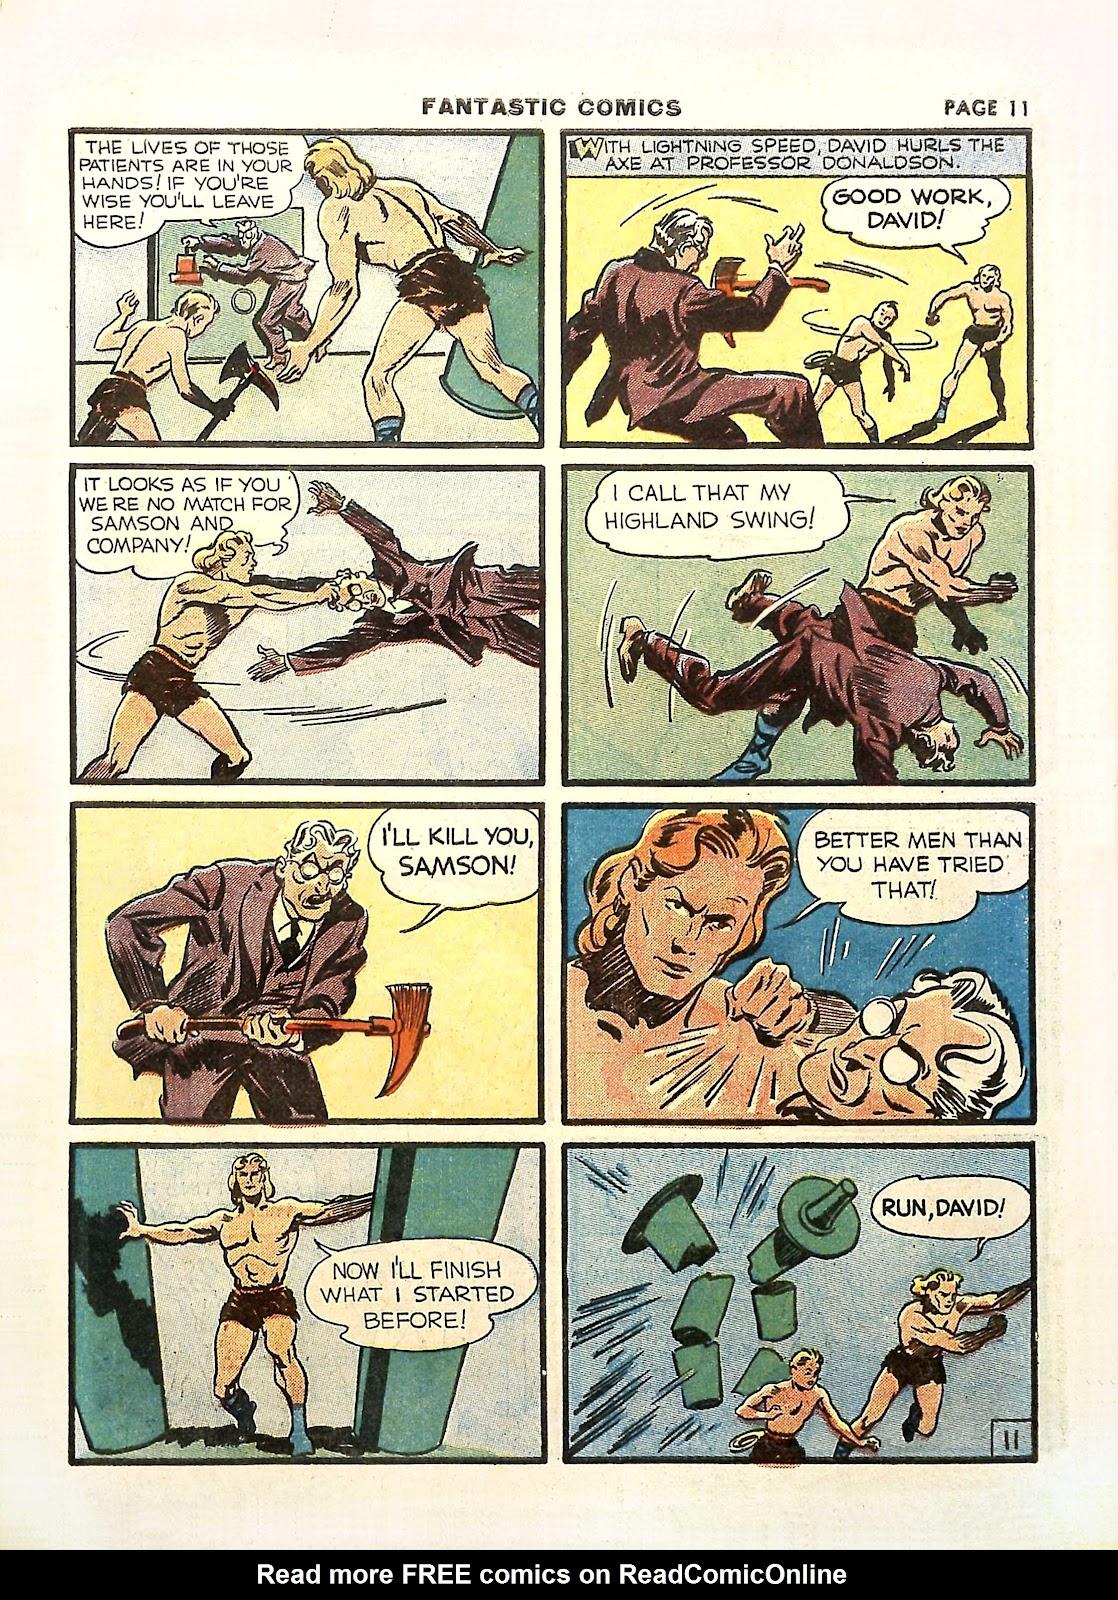 Read online Fantastic Comics comic -  Issue #11 - 14